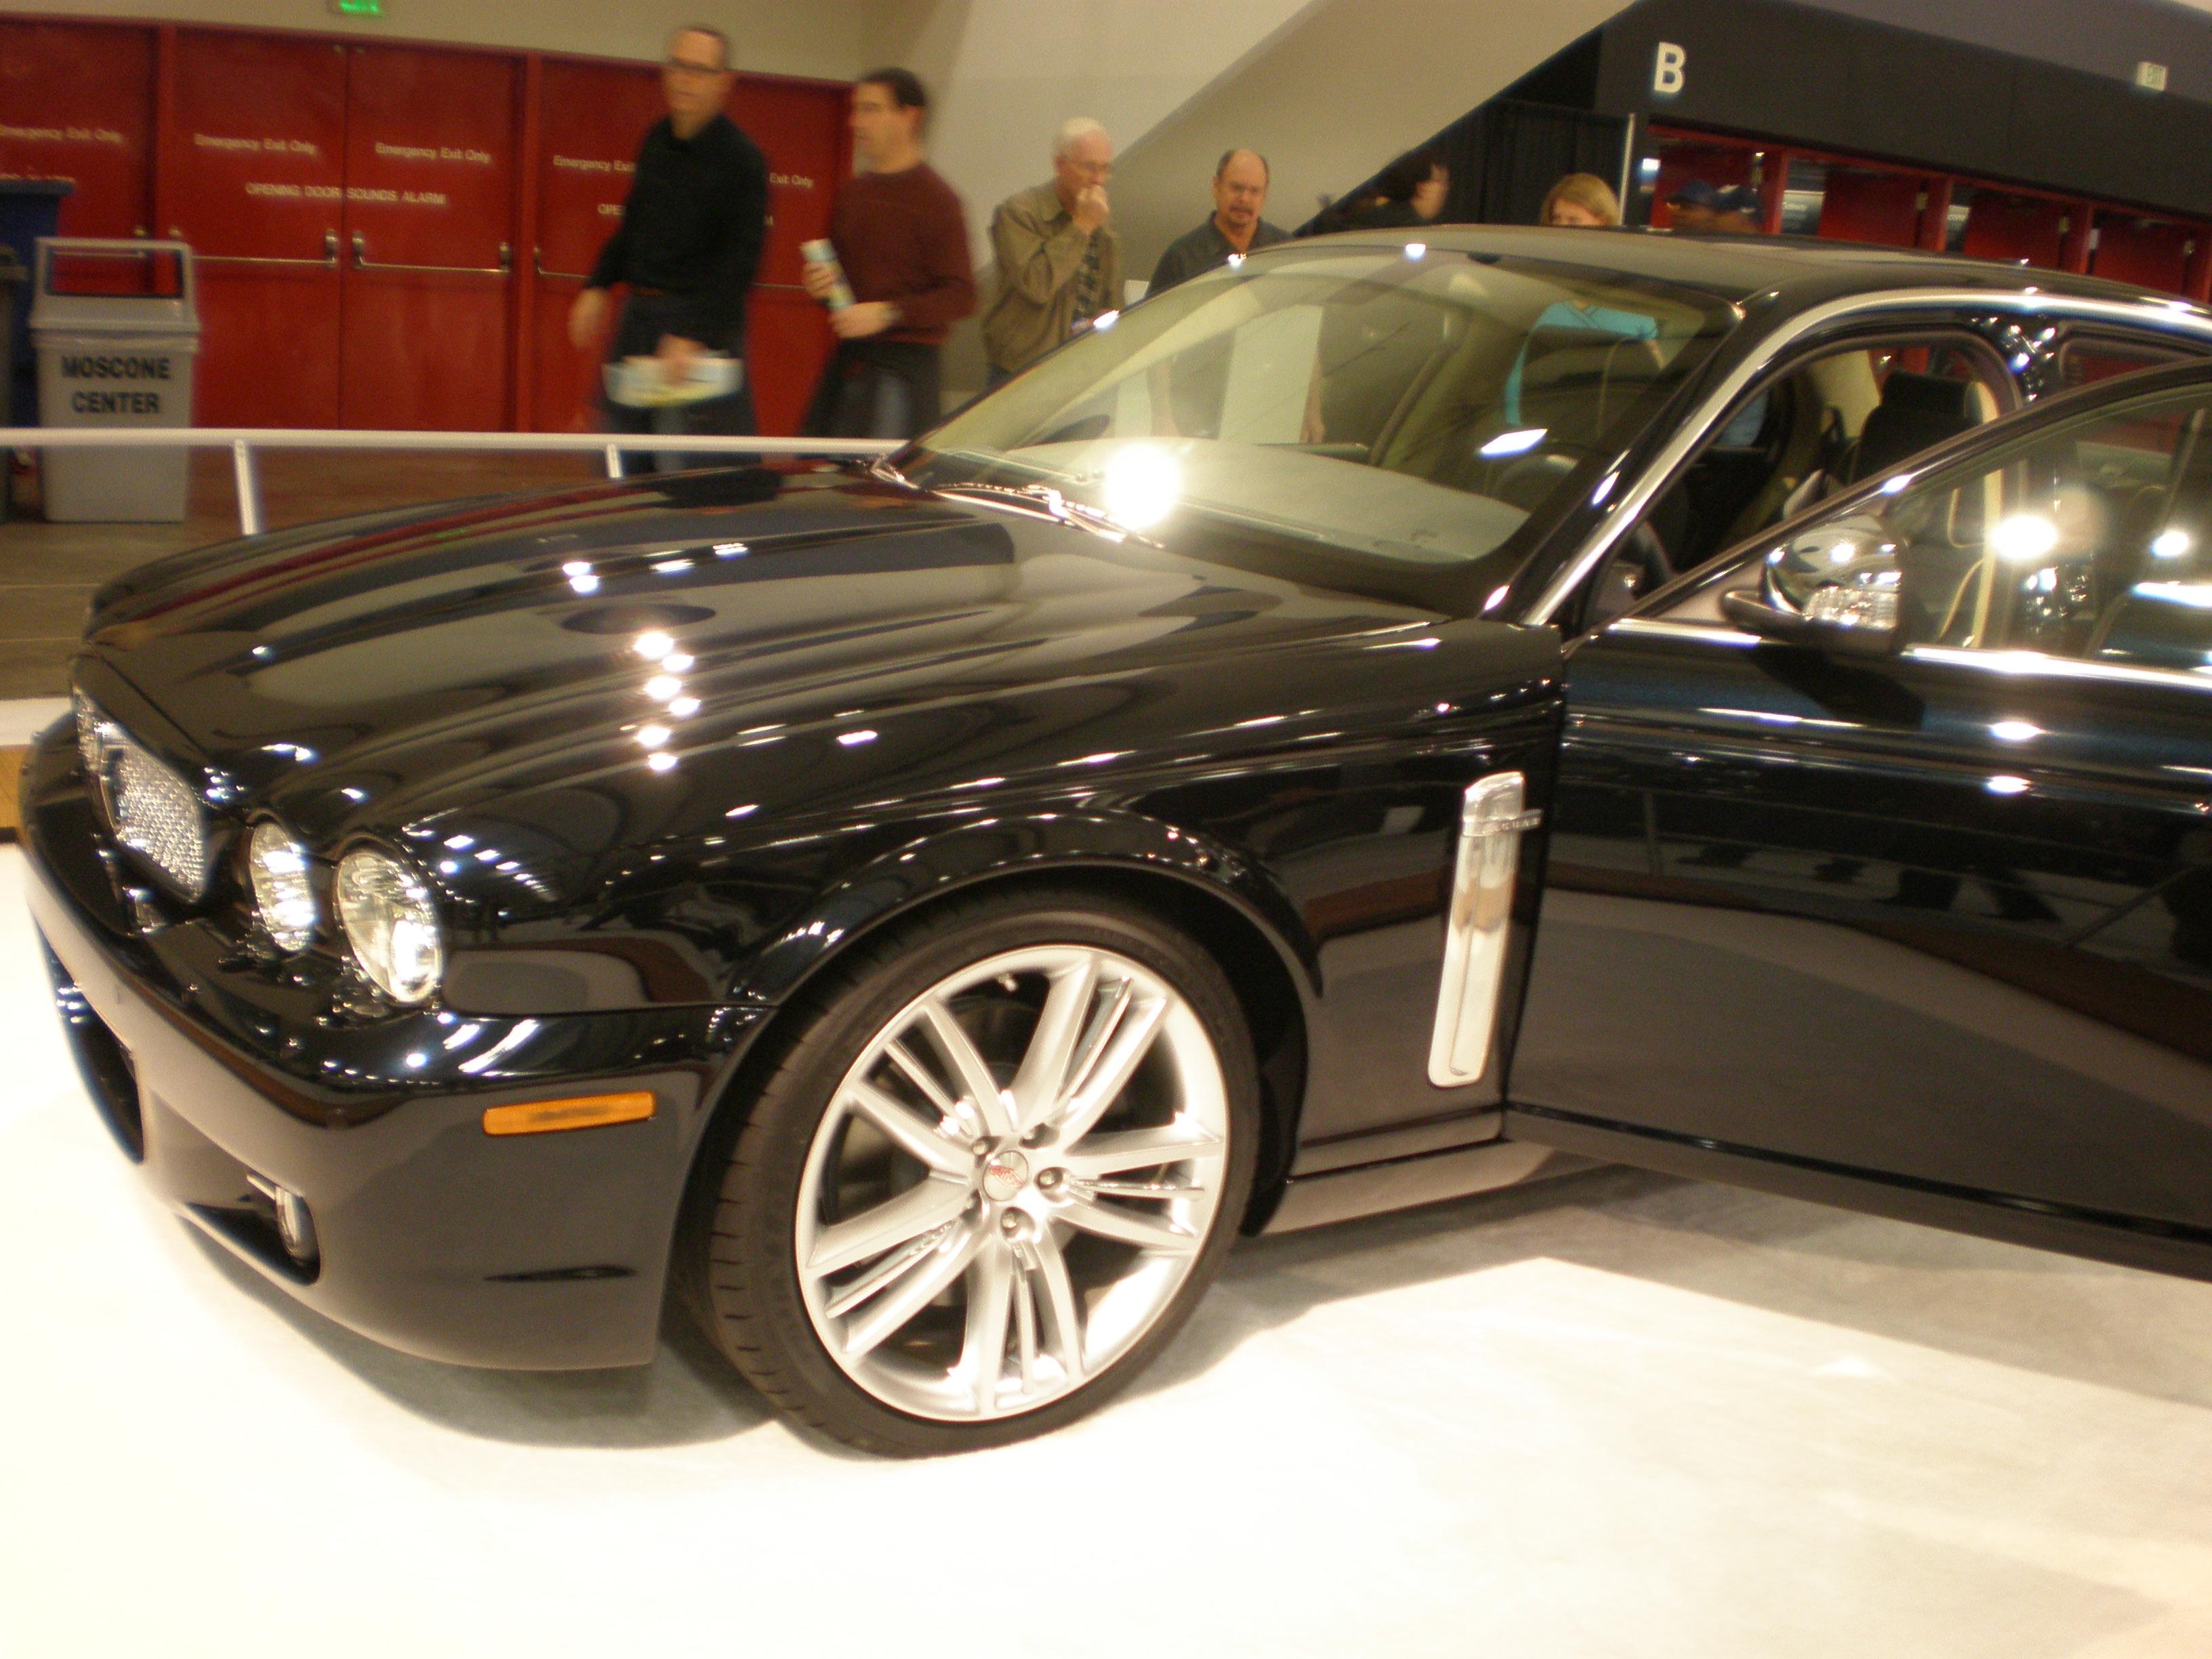 2008 jaguar super v8